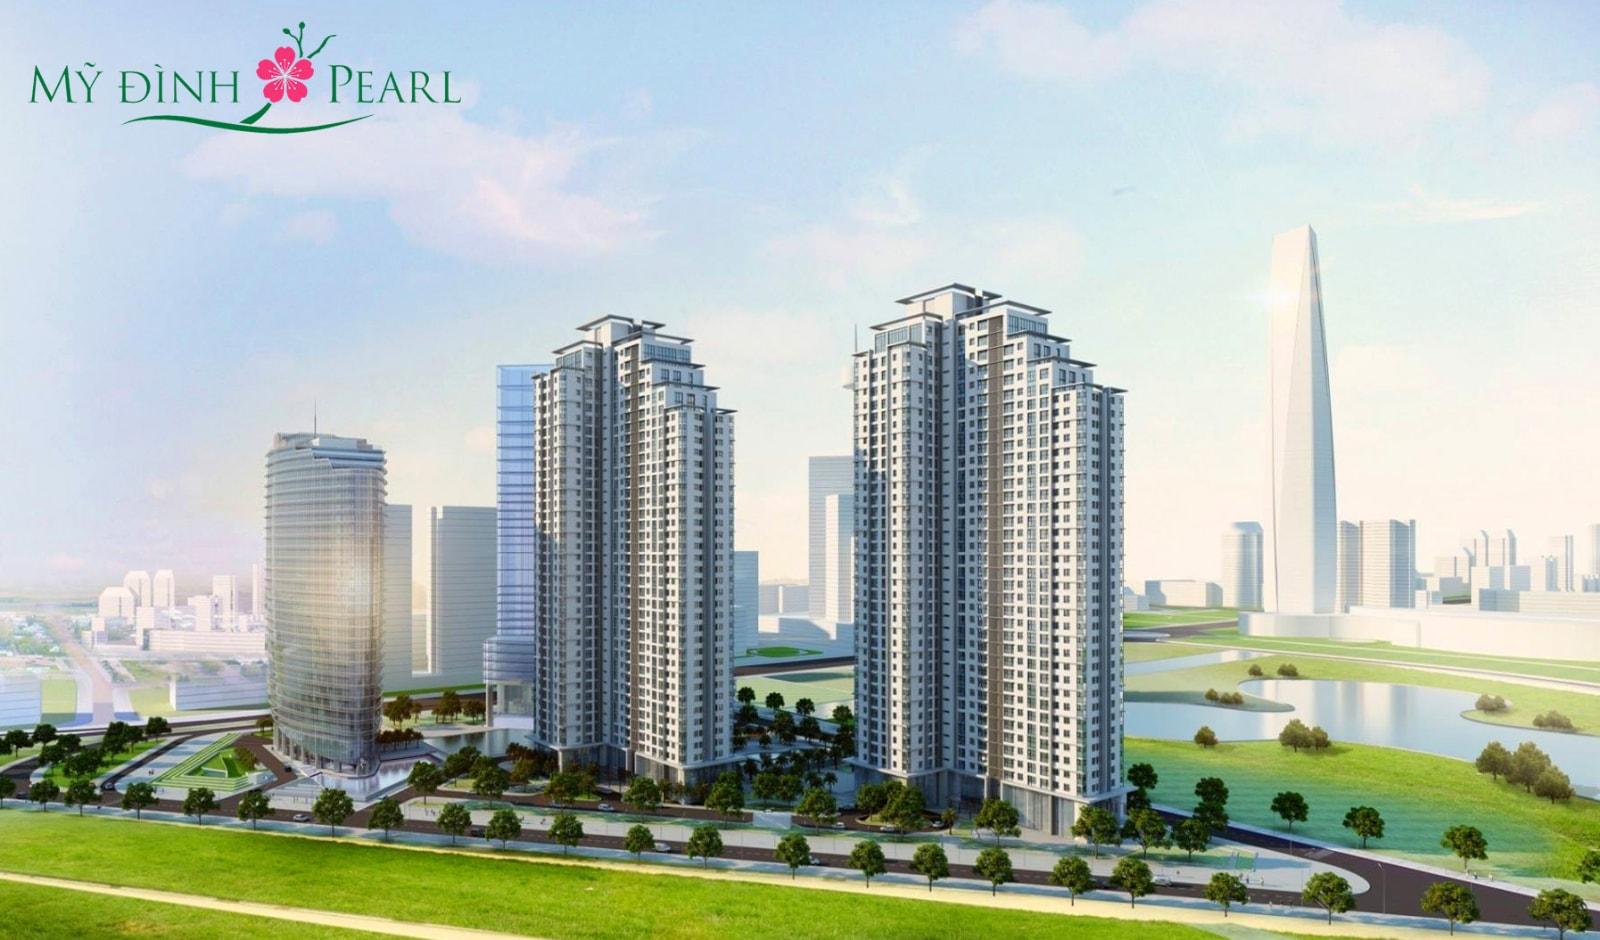 Chính sách bán hàng chung cư cao cấp Mỹ Đình Pearl có gì hấp dẫn?